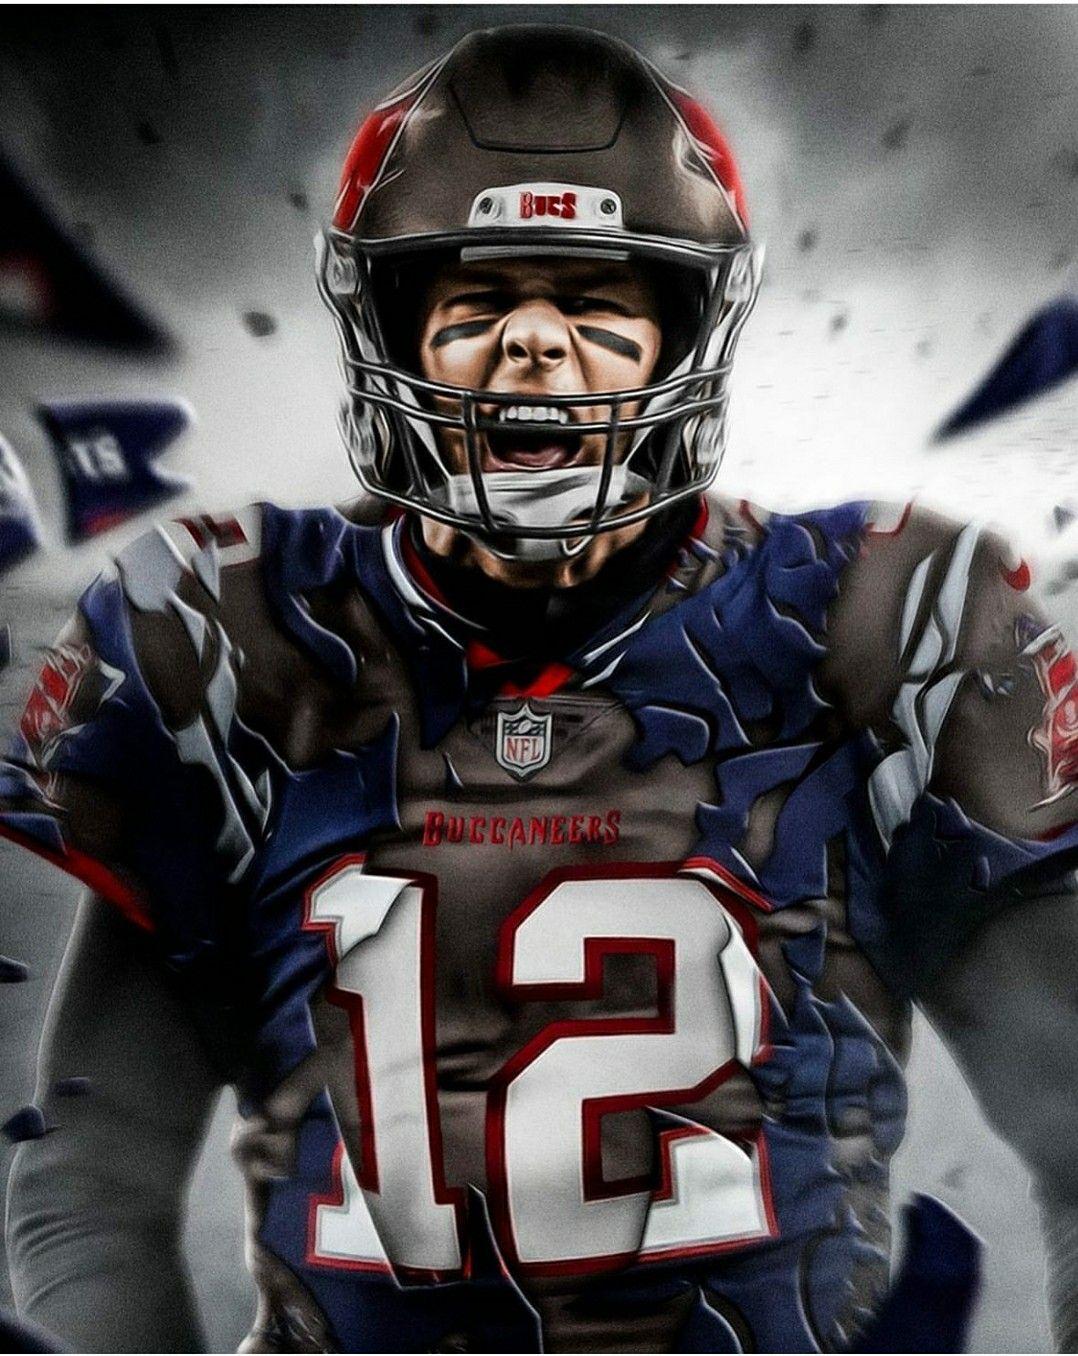 Pin By Sarah Mount On Football Tom Brady Patriots Nfl Football Helmets Tom Brady Nfl